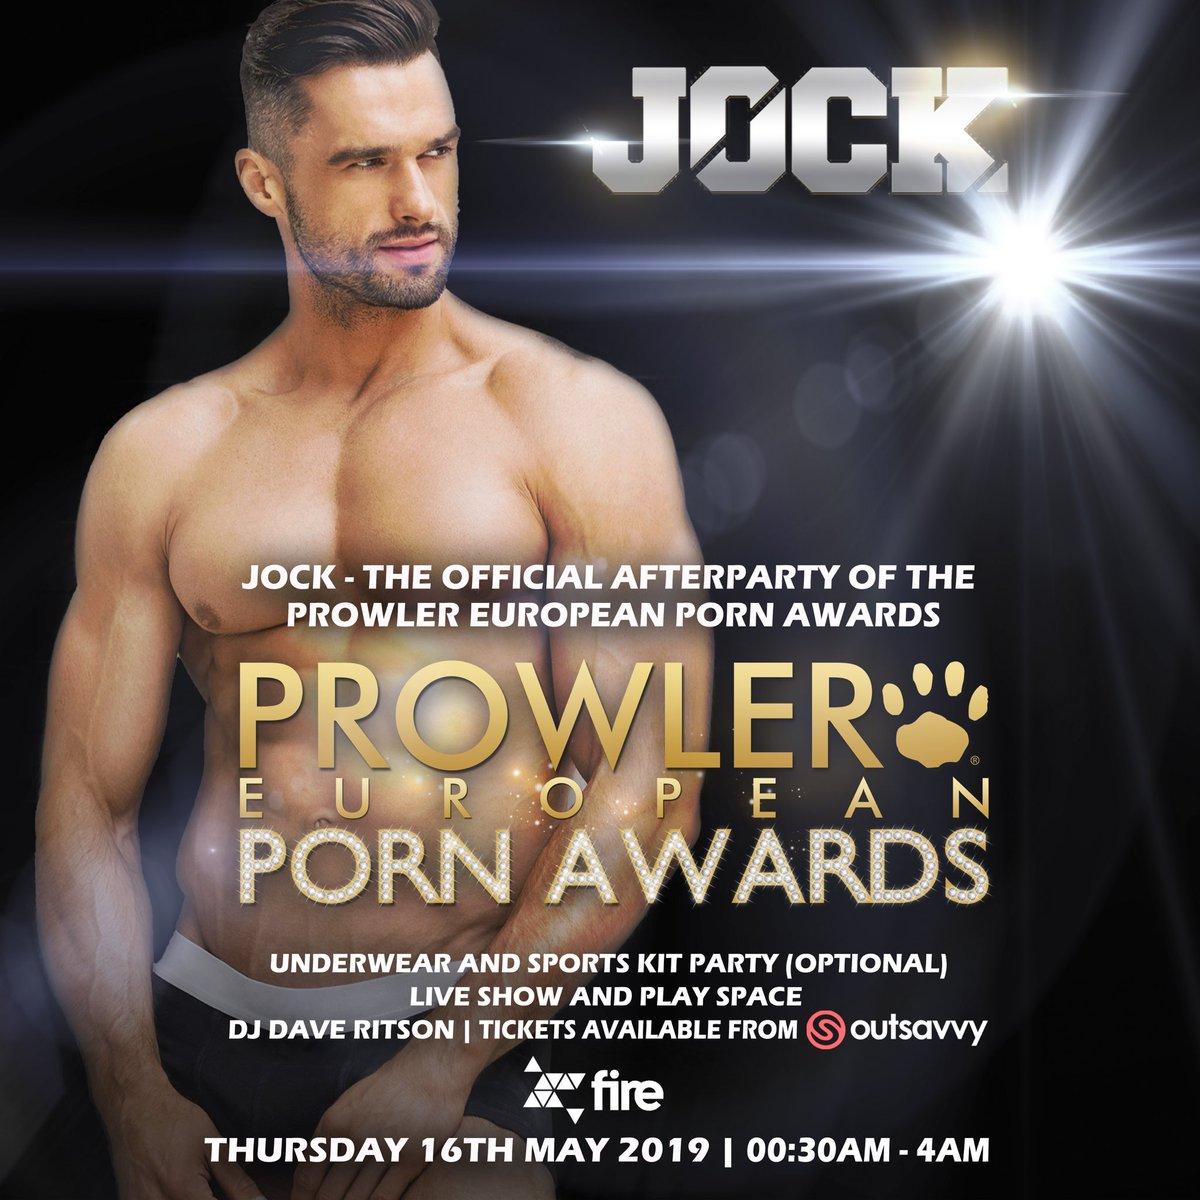 European porn awards — 13